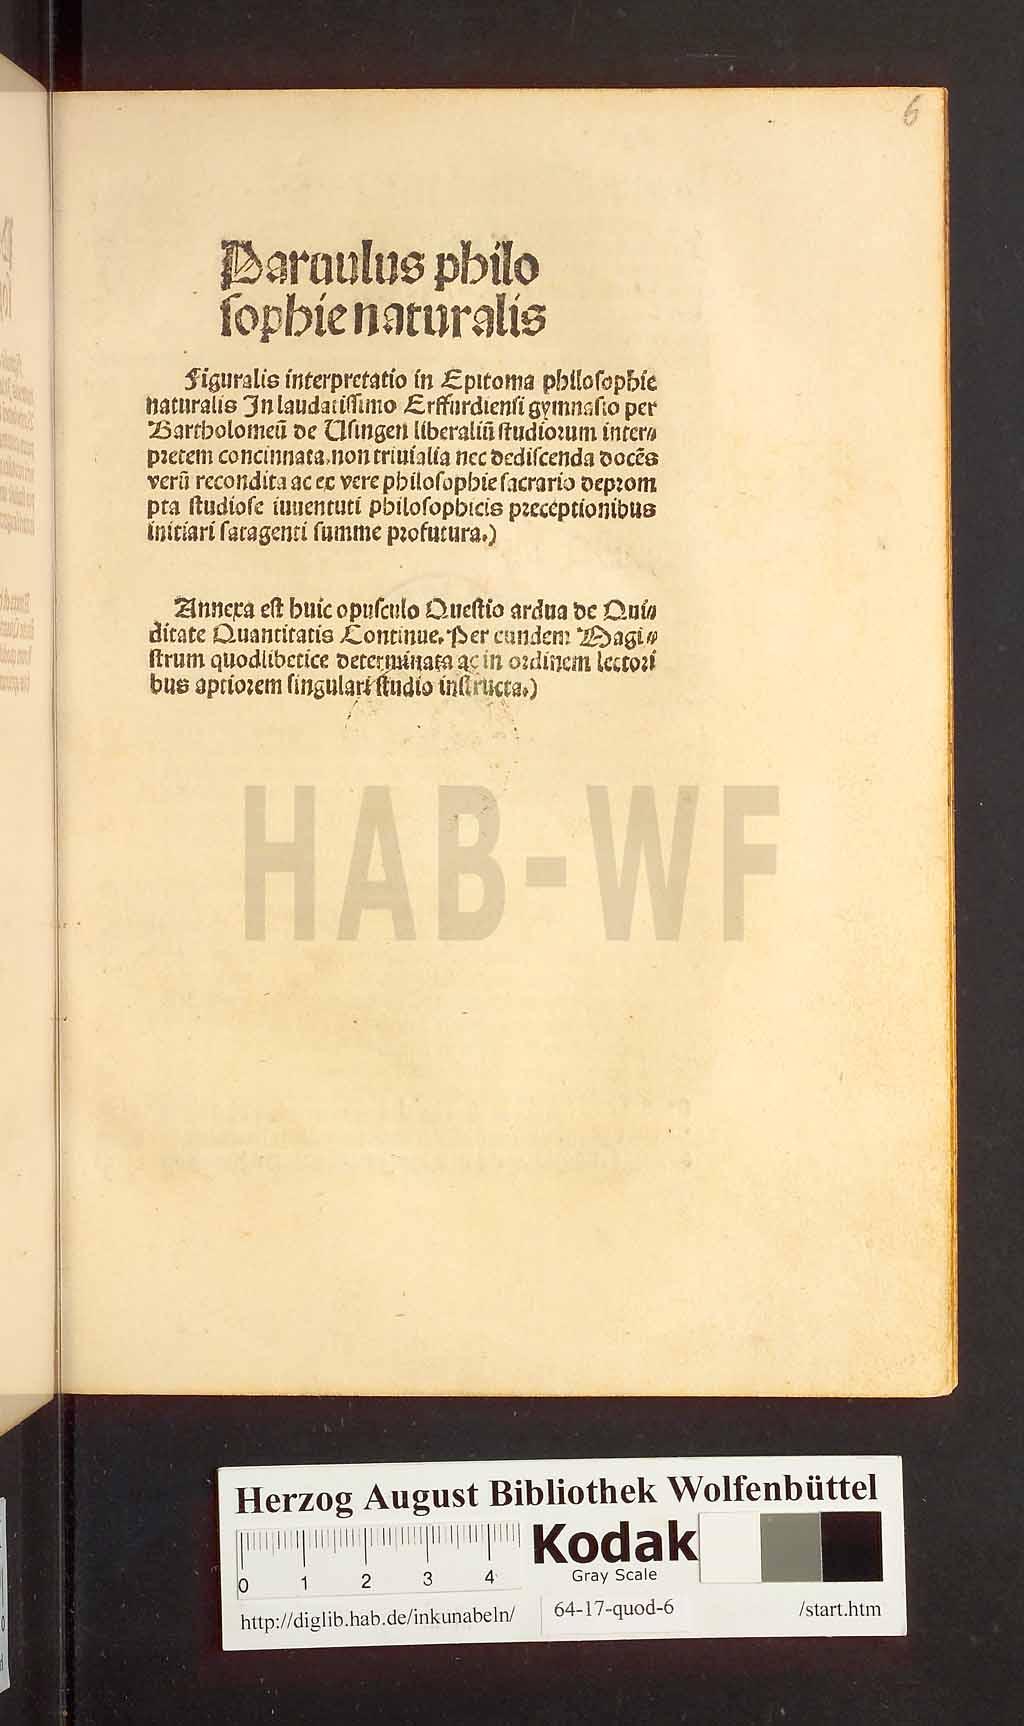 http://diglib.hab.de/inkunabeln/64-17-quod-6/00001.jpg